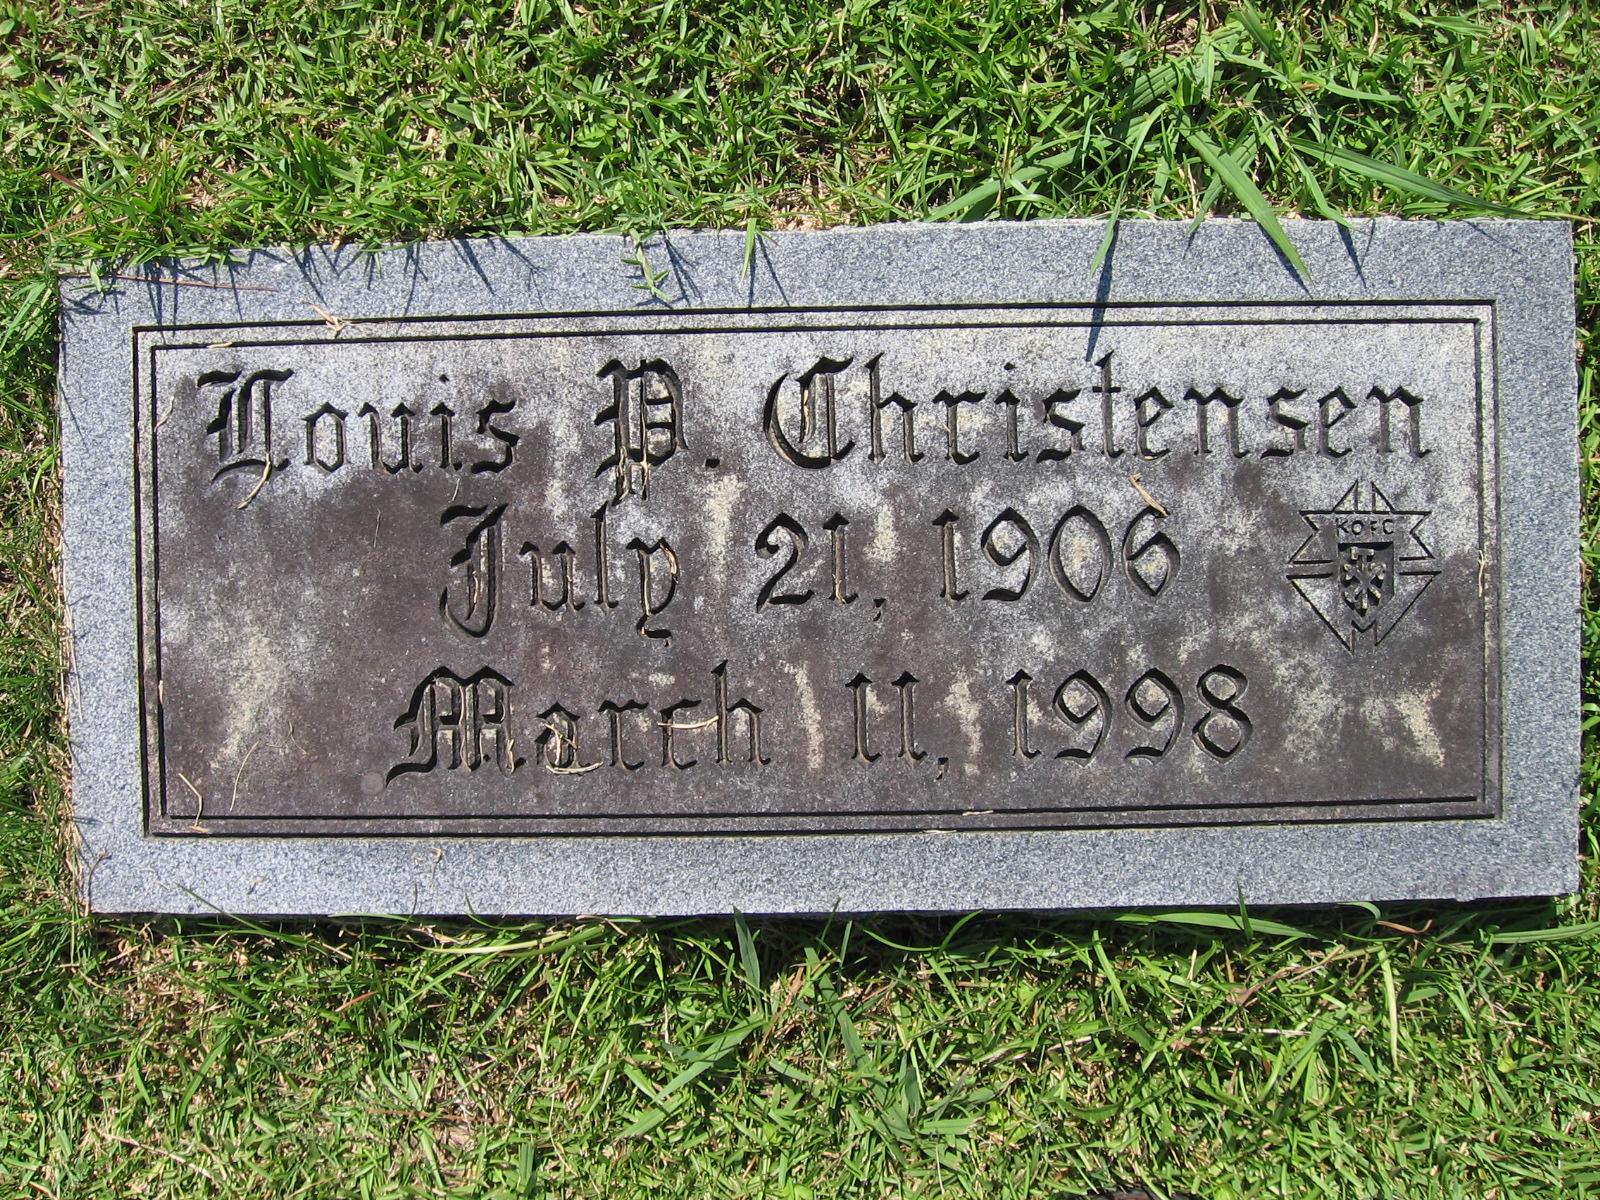 Louis Peter Christensen